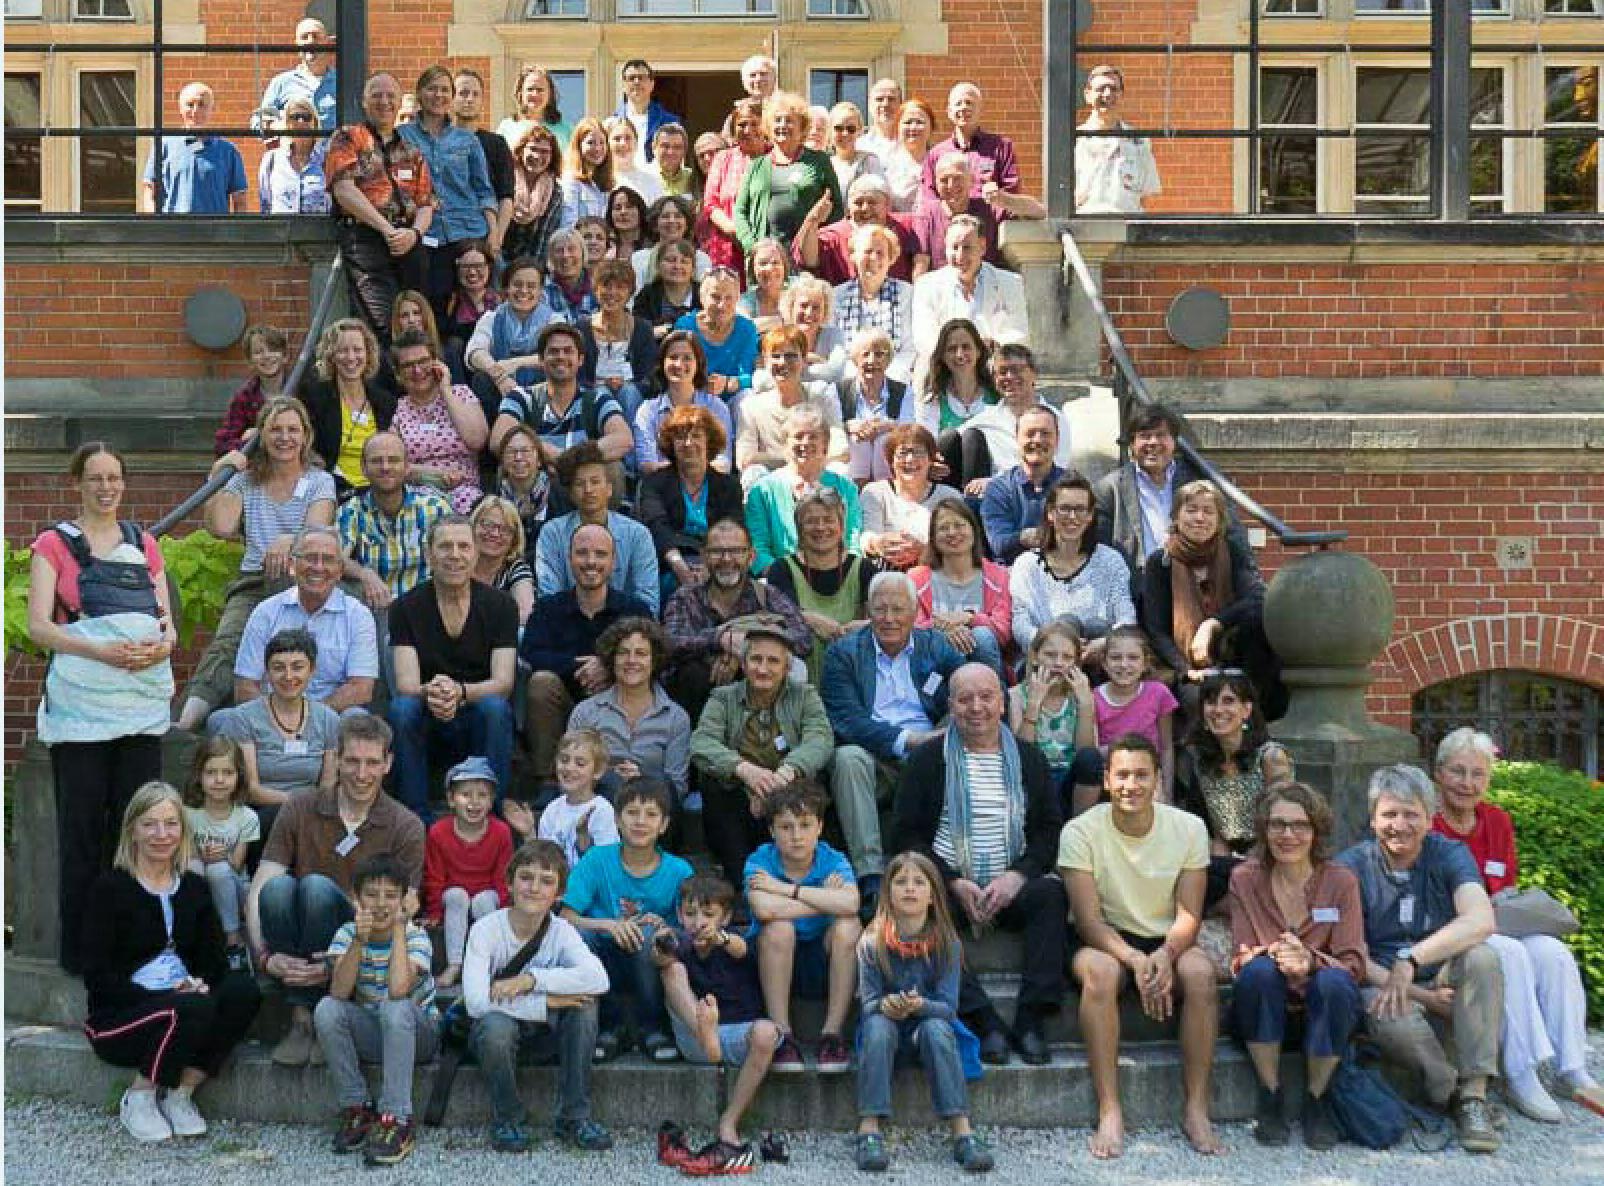 Gruppenfoto, Sieben Punkte des Geistestraining, Dharma Mati Berlin (Mai 2018)